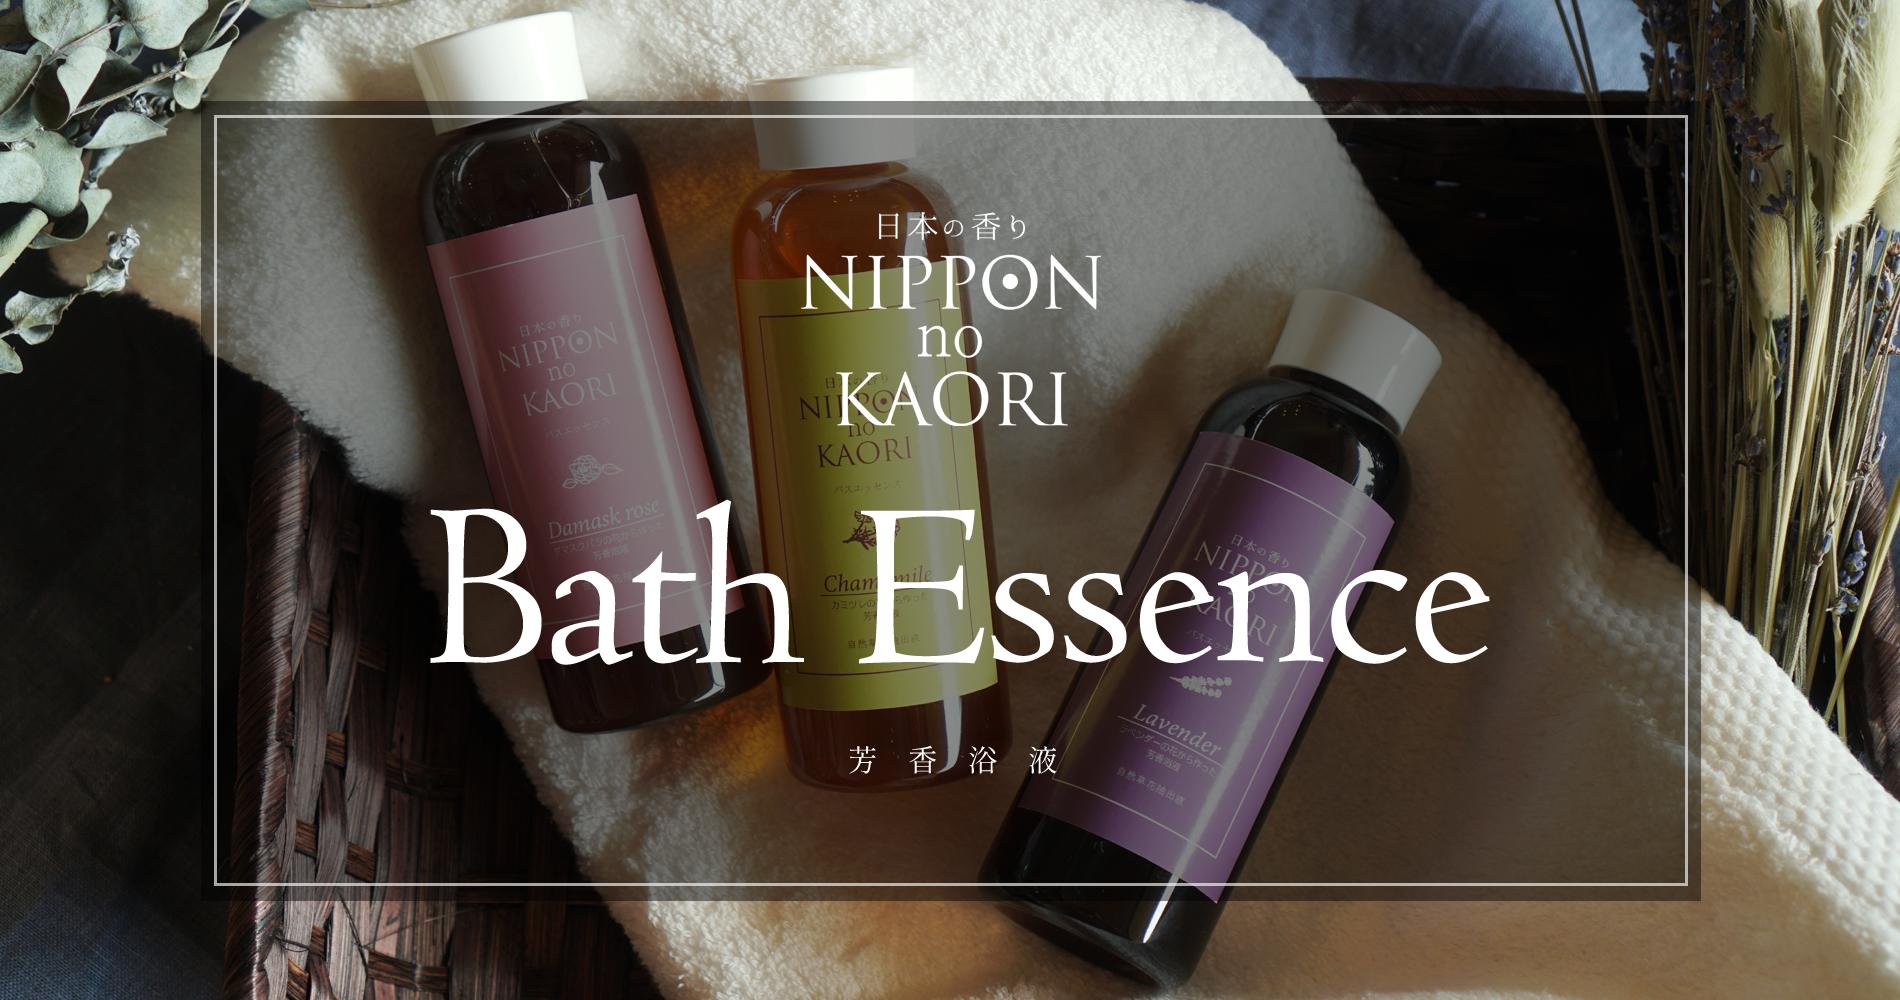 日本の香りシリーズ「バスエッセンス(芳香浴液)」タイトル画像